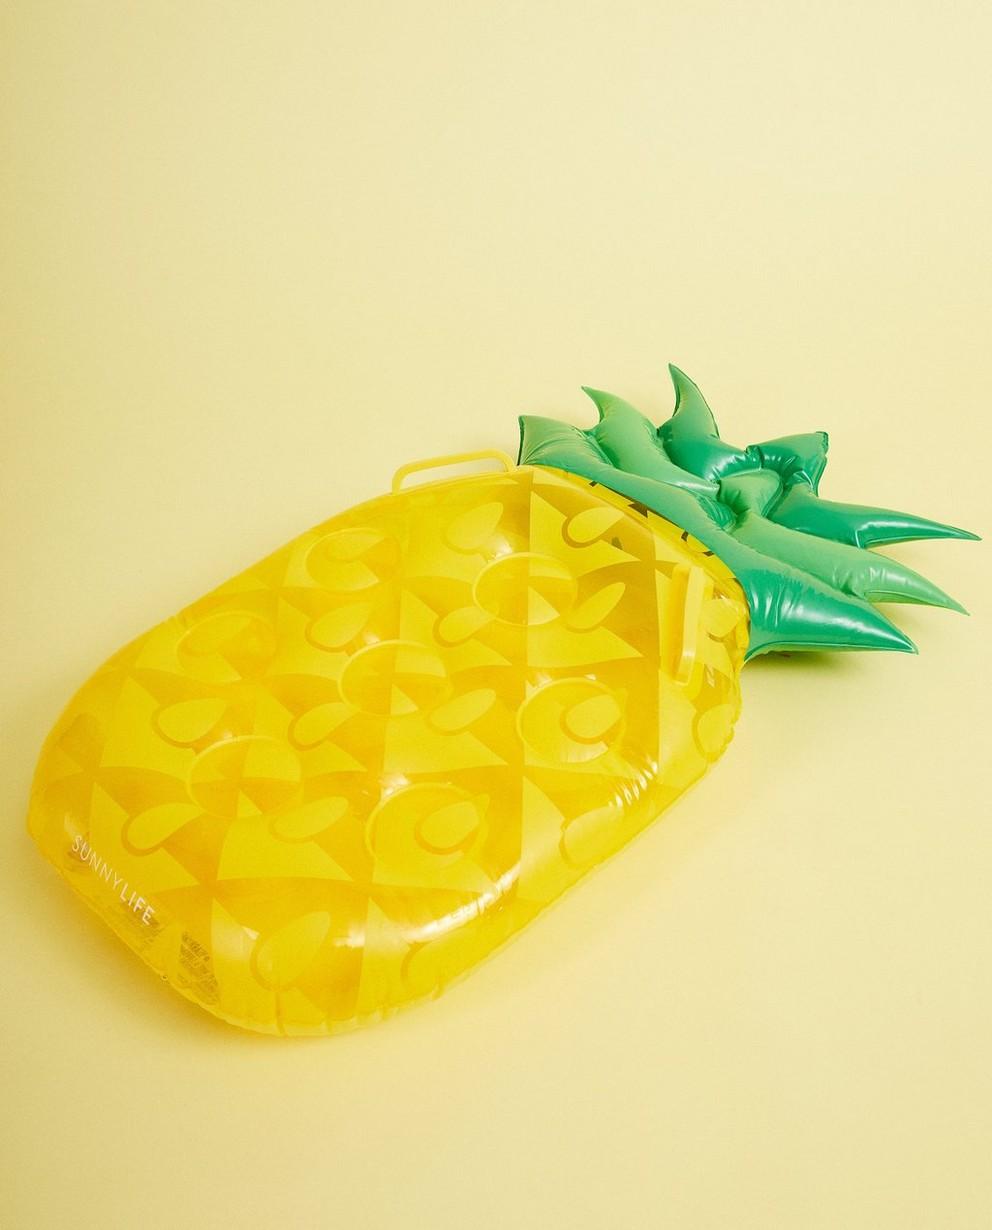 Matelas pneumatique ananas - avec des poignées - suli